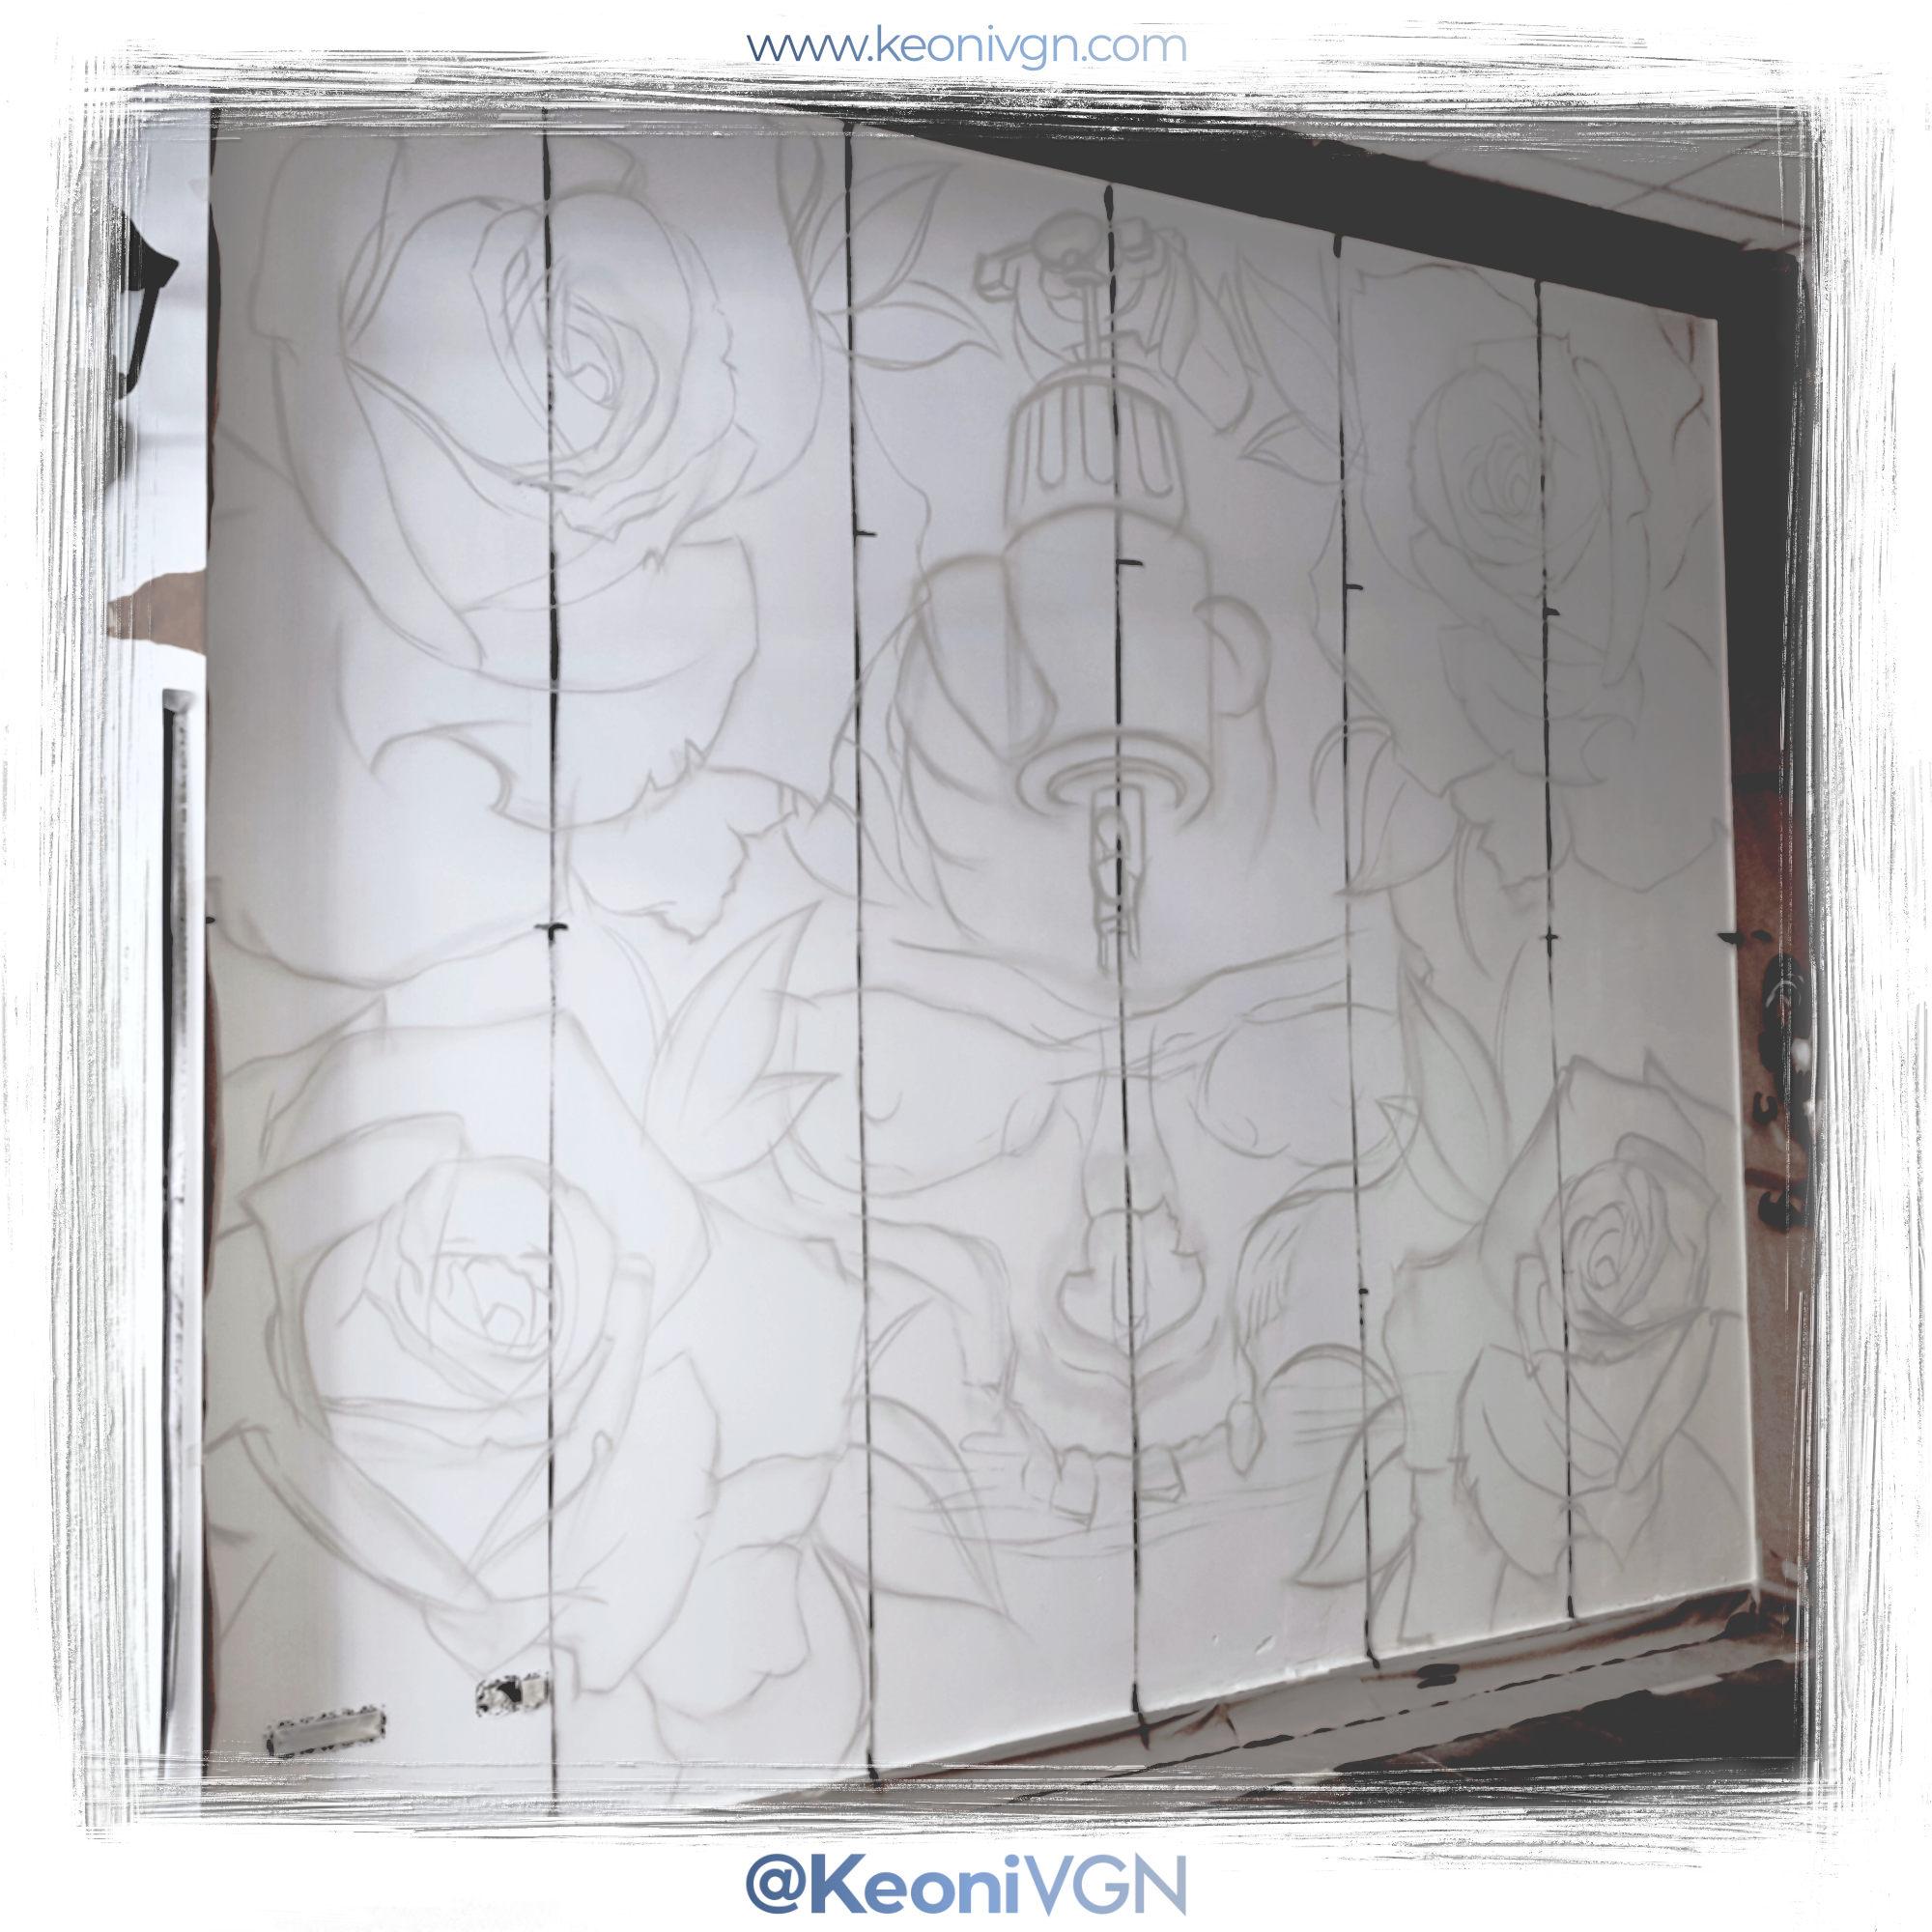 Mural Skull & Roses - Nava Tattoo 3